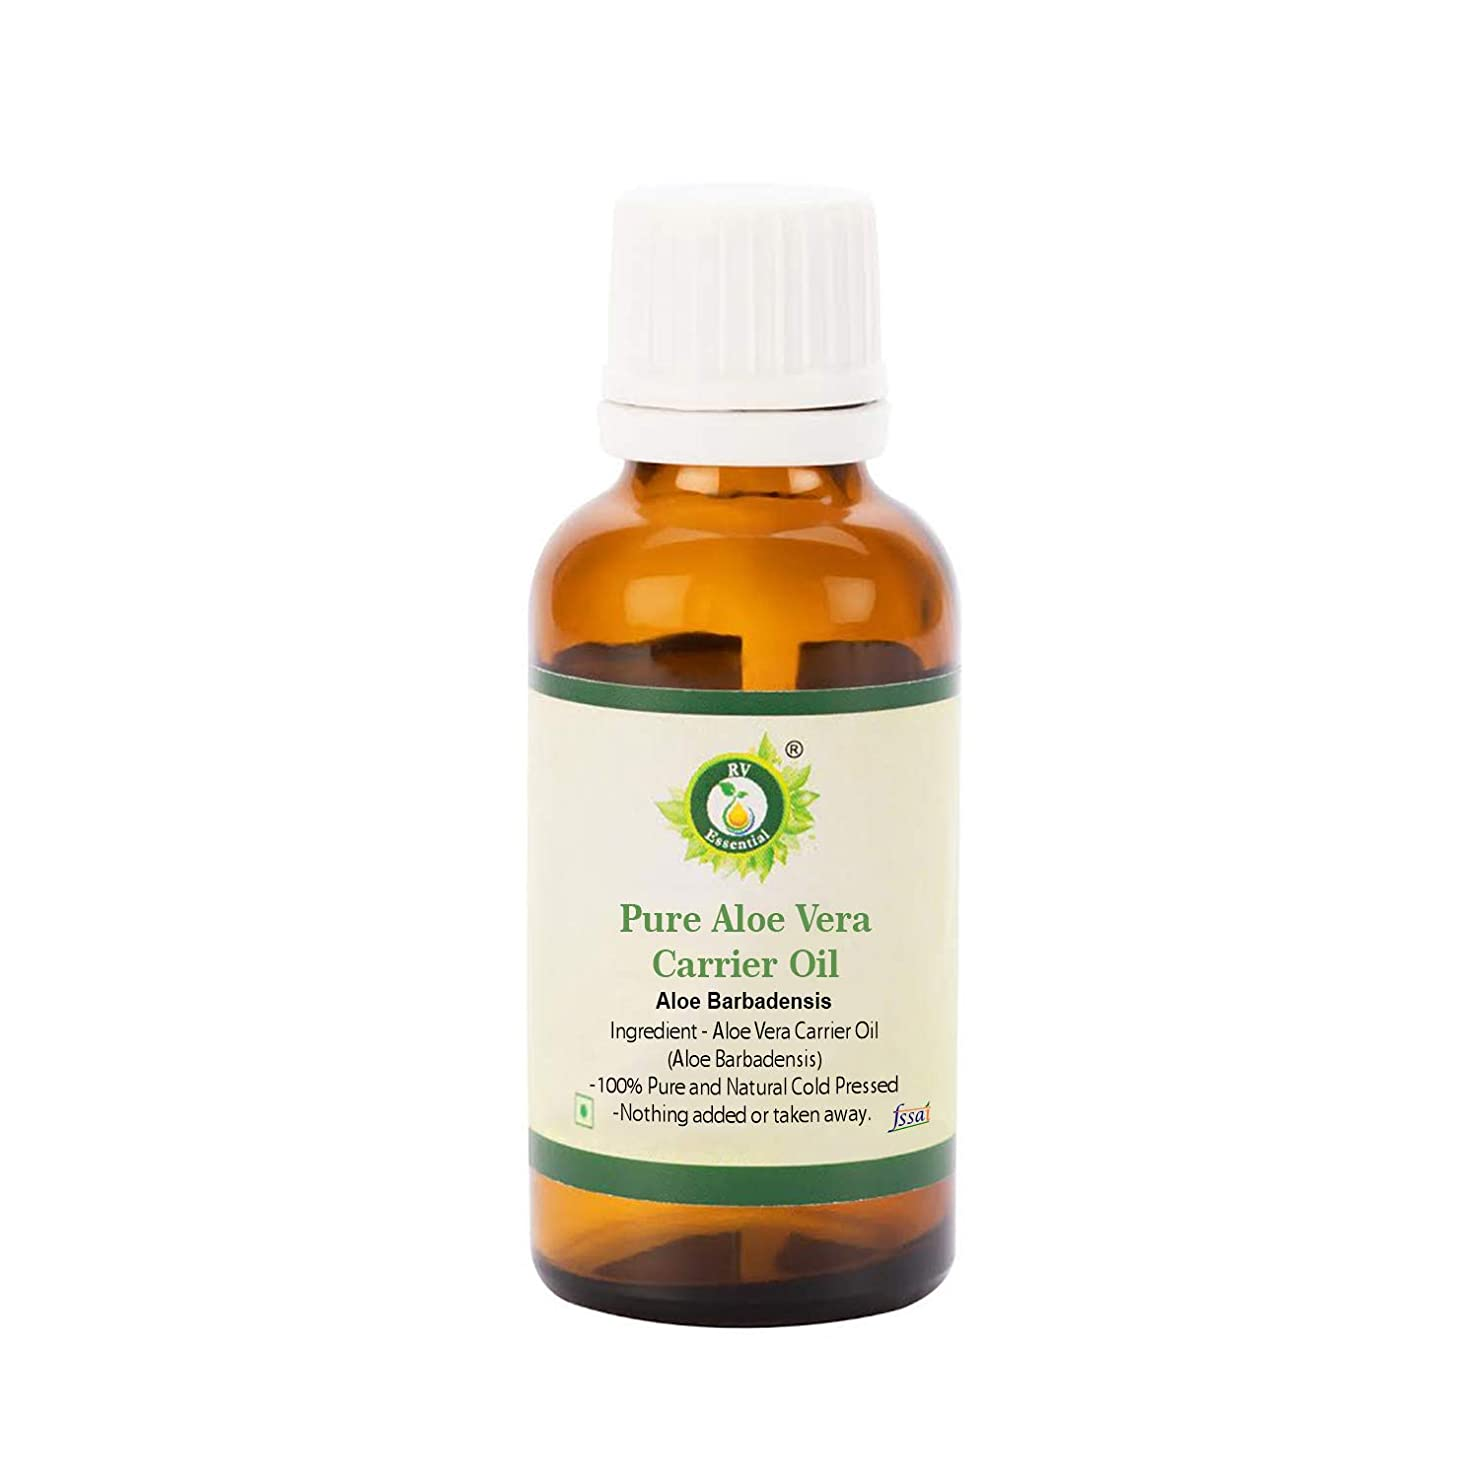 日食費用することになっているR V Essential 純粋なアロエベラキャリアオイル30ml (1.01oz)- Aloe Barbadensis (100%ピュア&ナチュラルコールドPressed) Pure Aloe Vera Carrier Oil